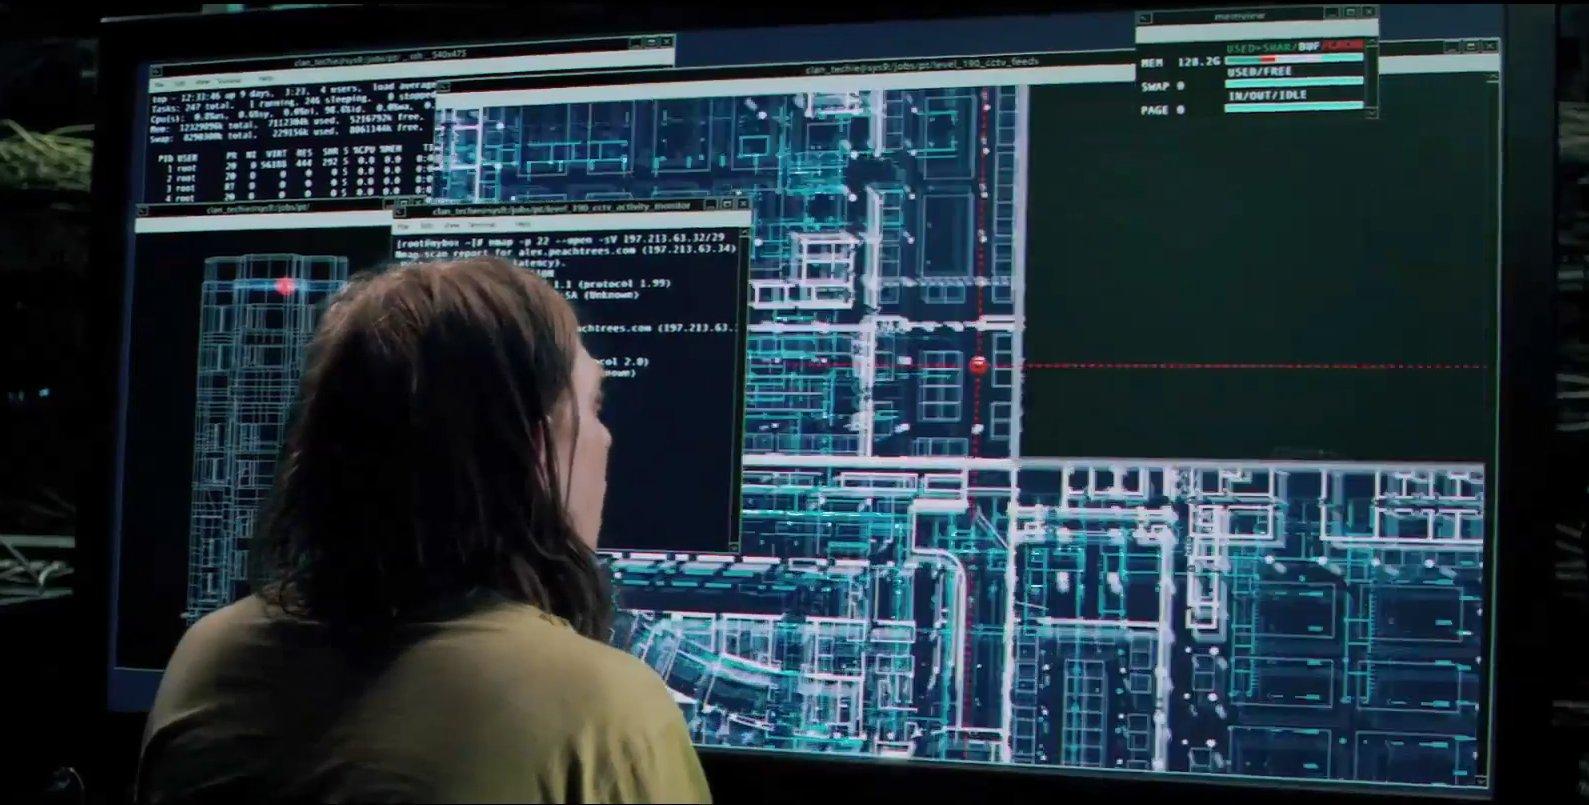 nmap network scanning tool